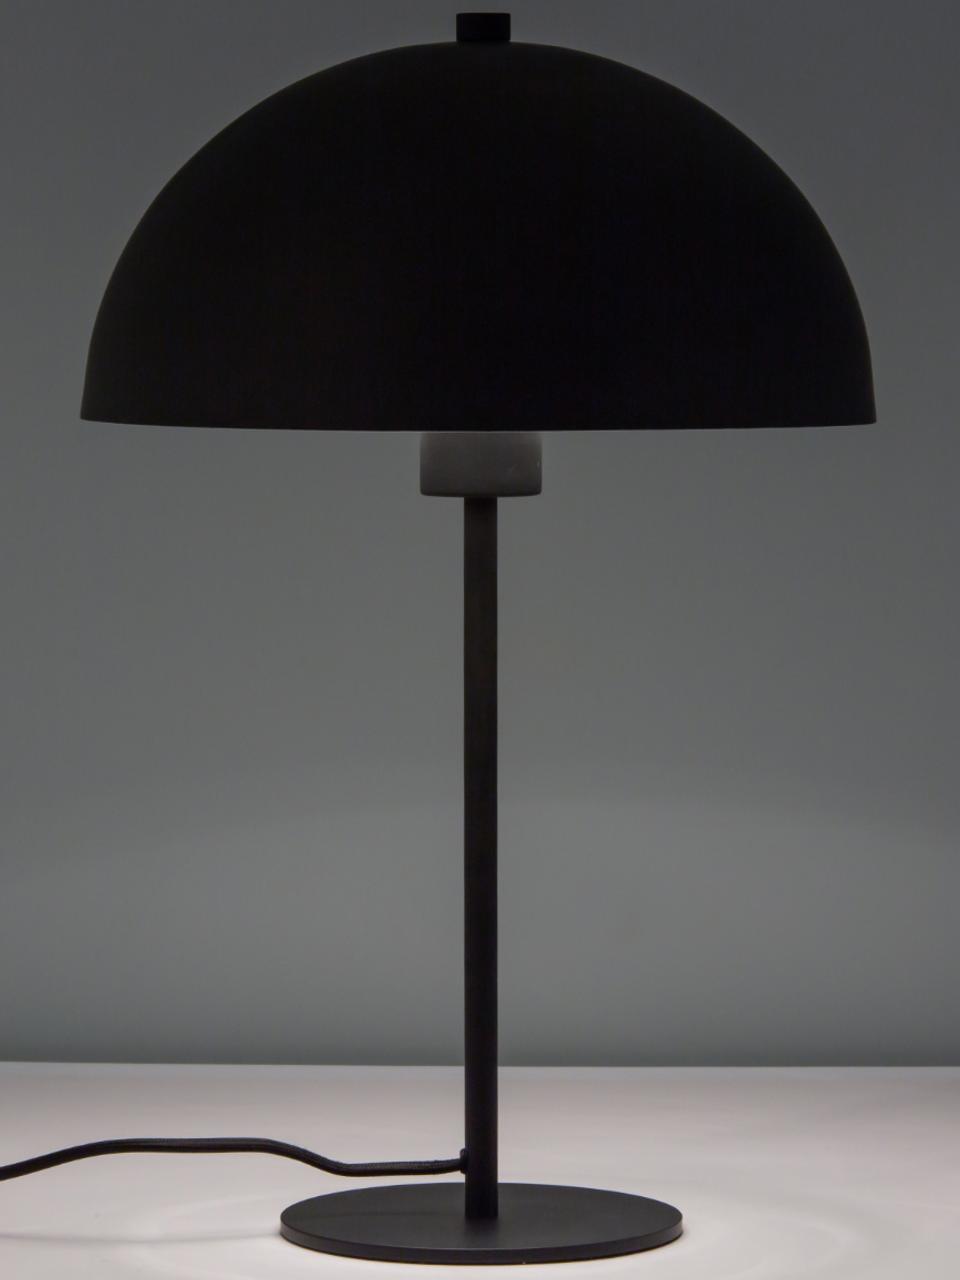 Lampa stołowa Matilda, Czarny, Ø 29 x W 45 cm